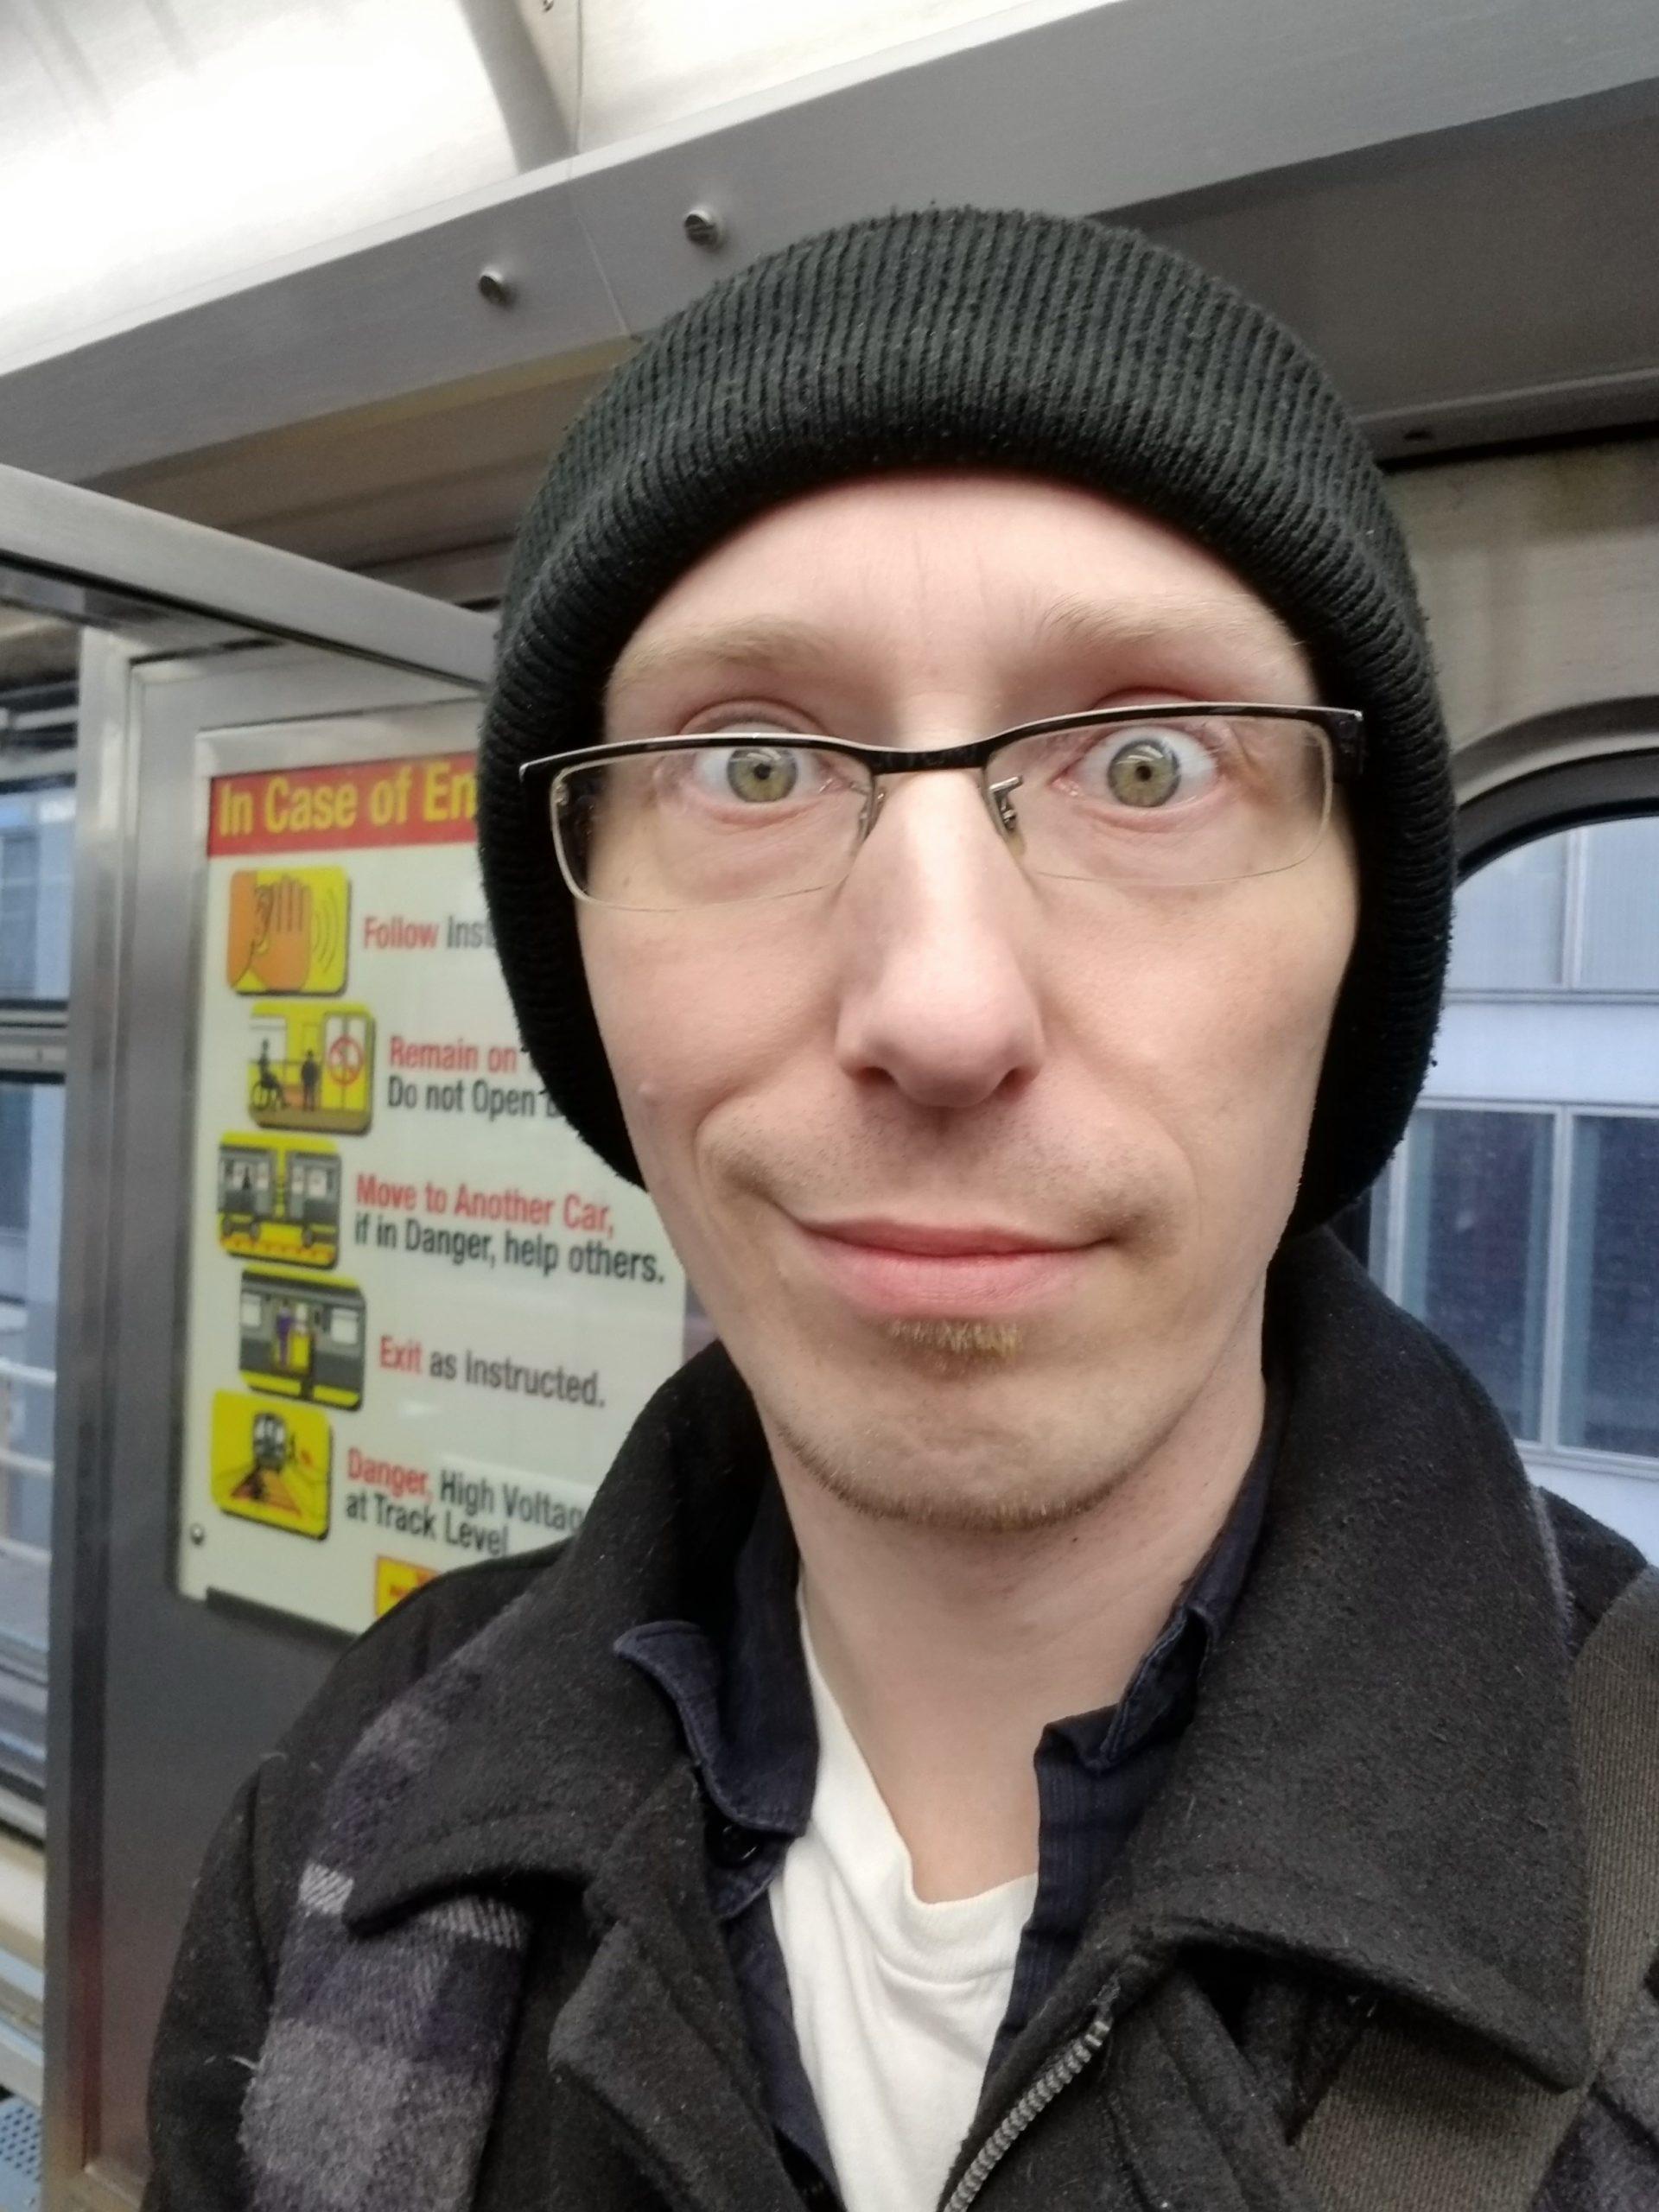 Trevor Mueller on the train